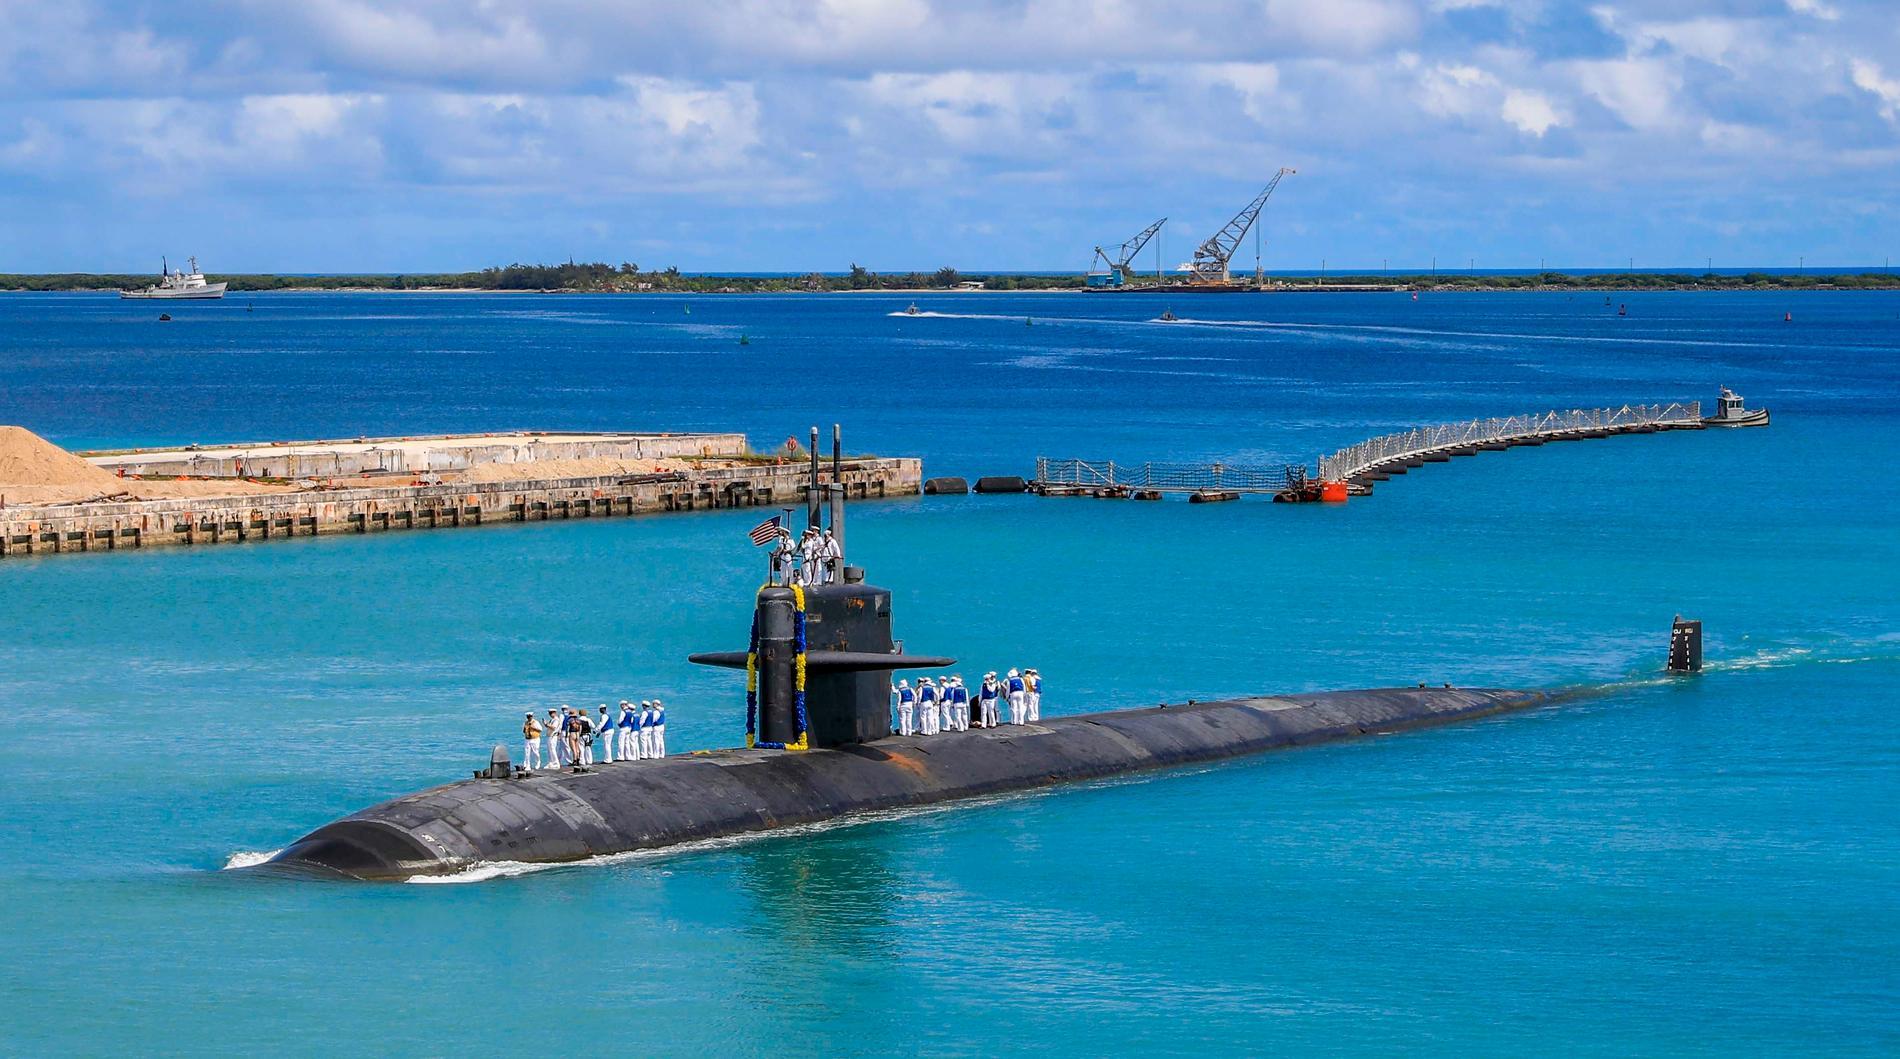 USA-ubåten Oklahoma City på väg in till USA:s flottbas i Guam i Stilla havet i augusti. Arkivfoto.